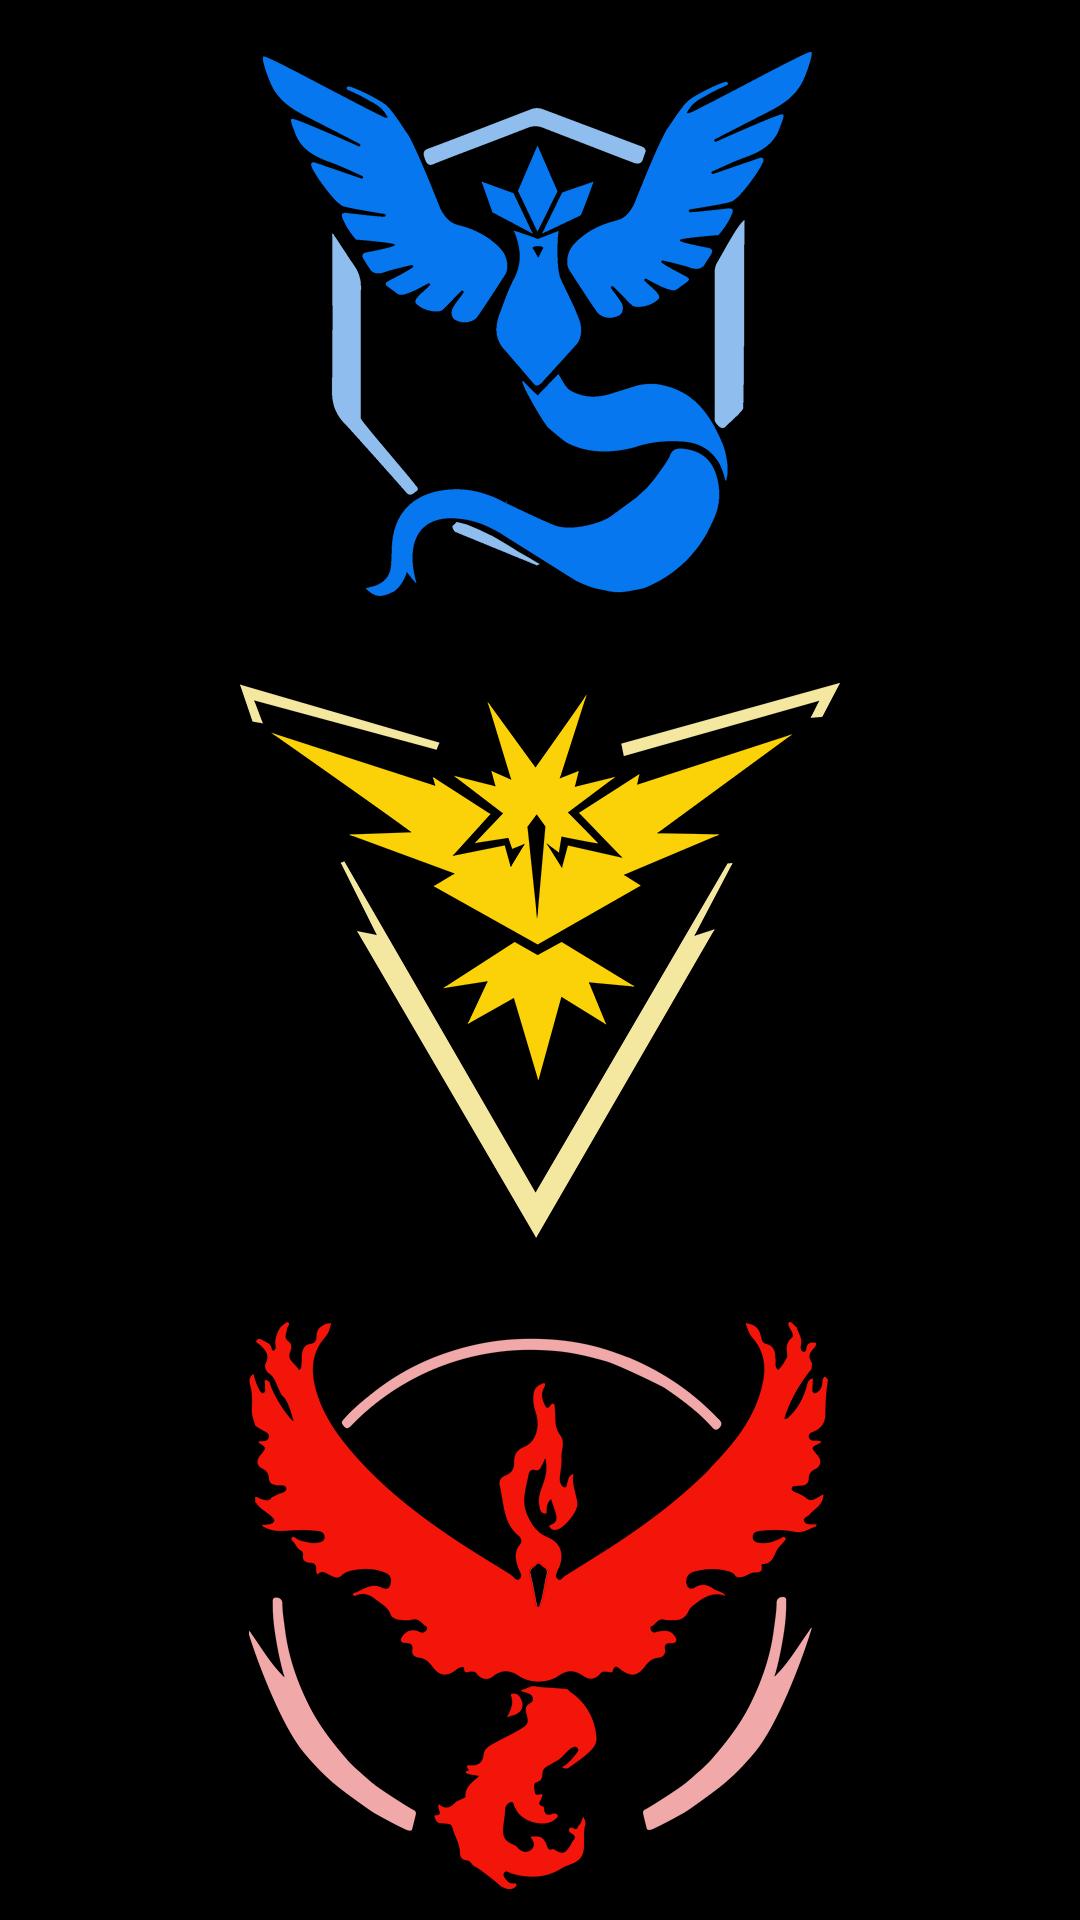 Pin by Kyle Gonsalves on Pokemon Pokemon backgrounds